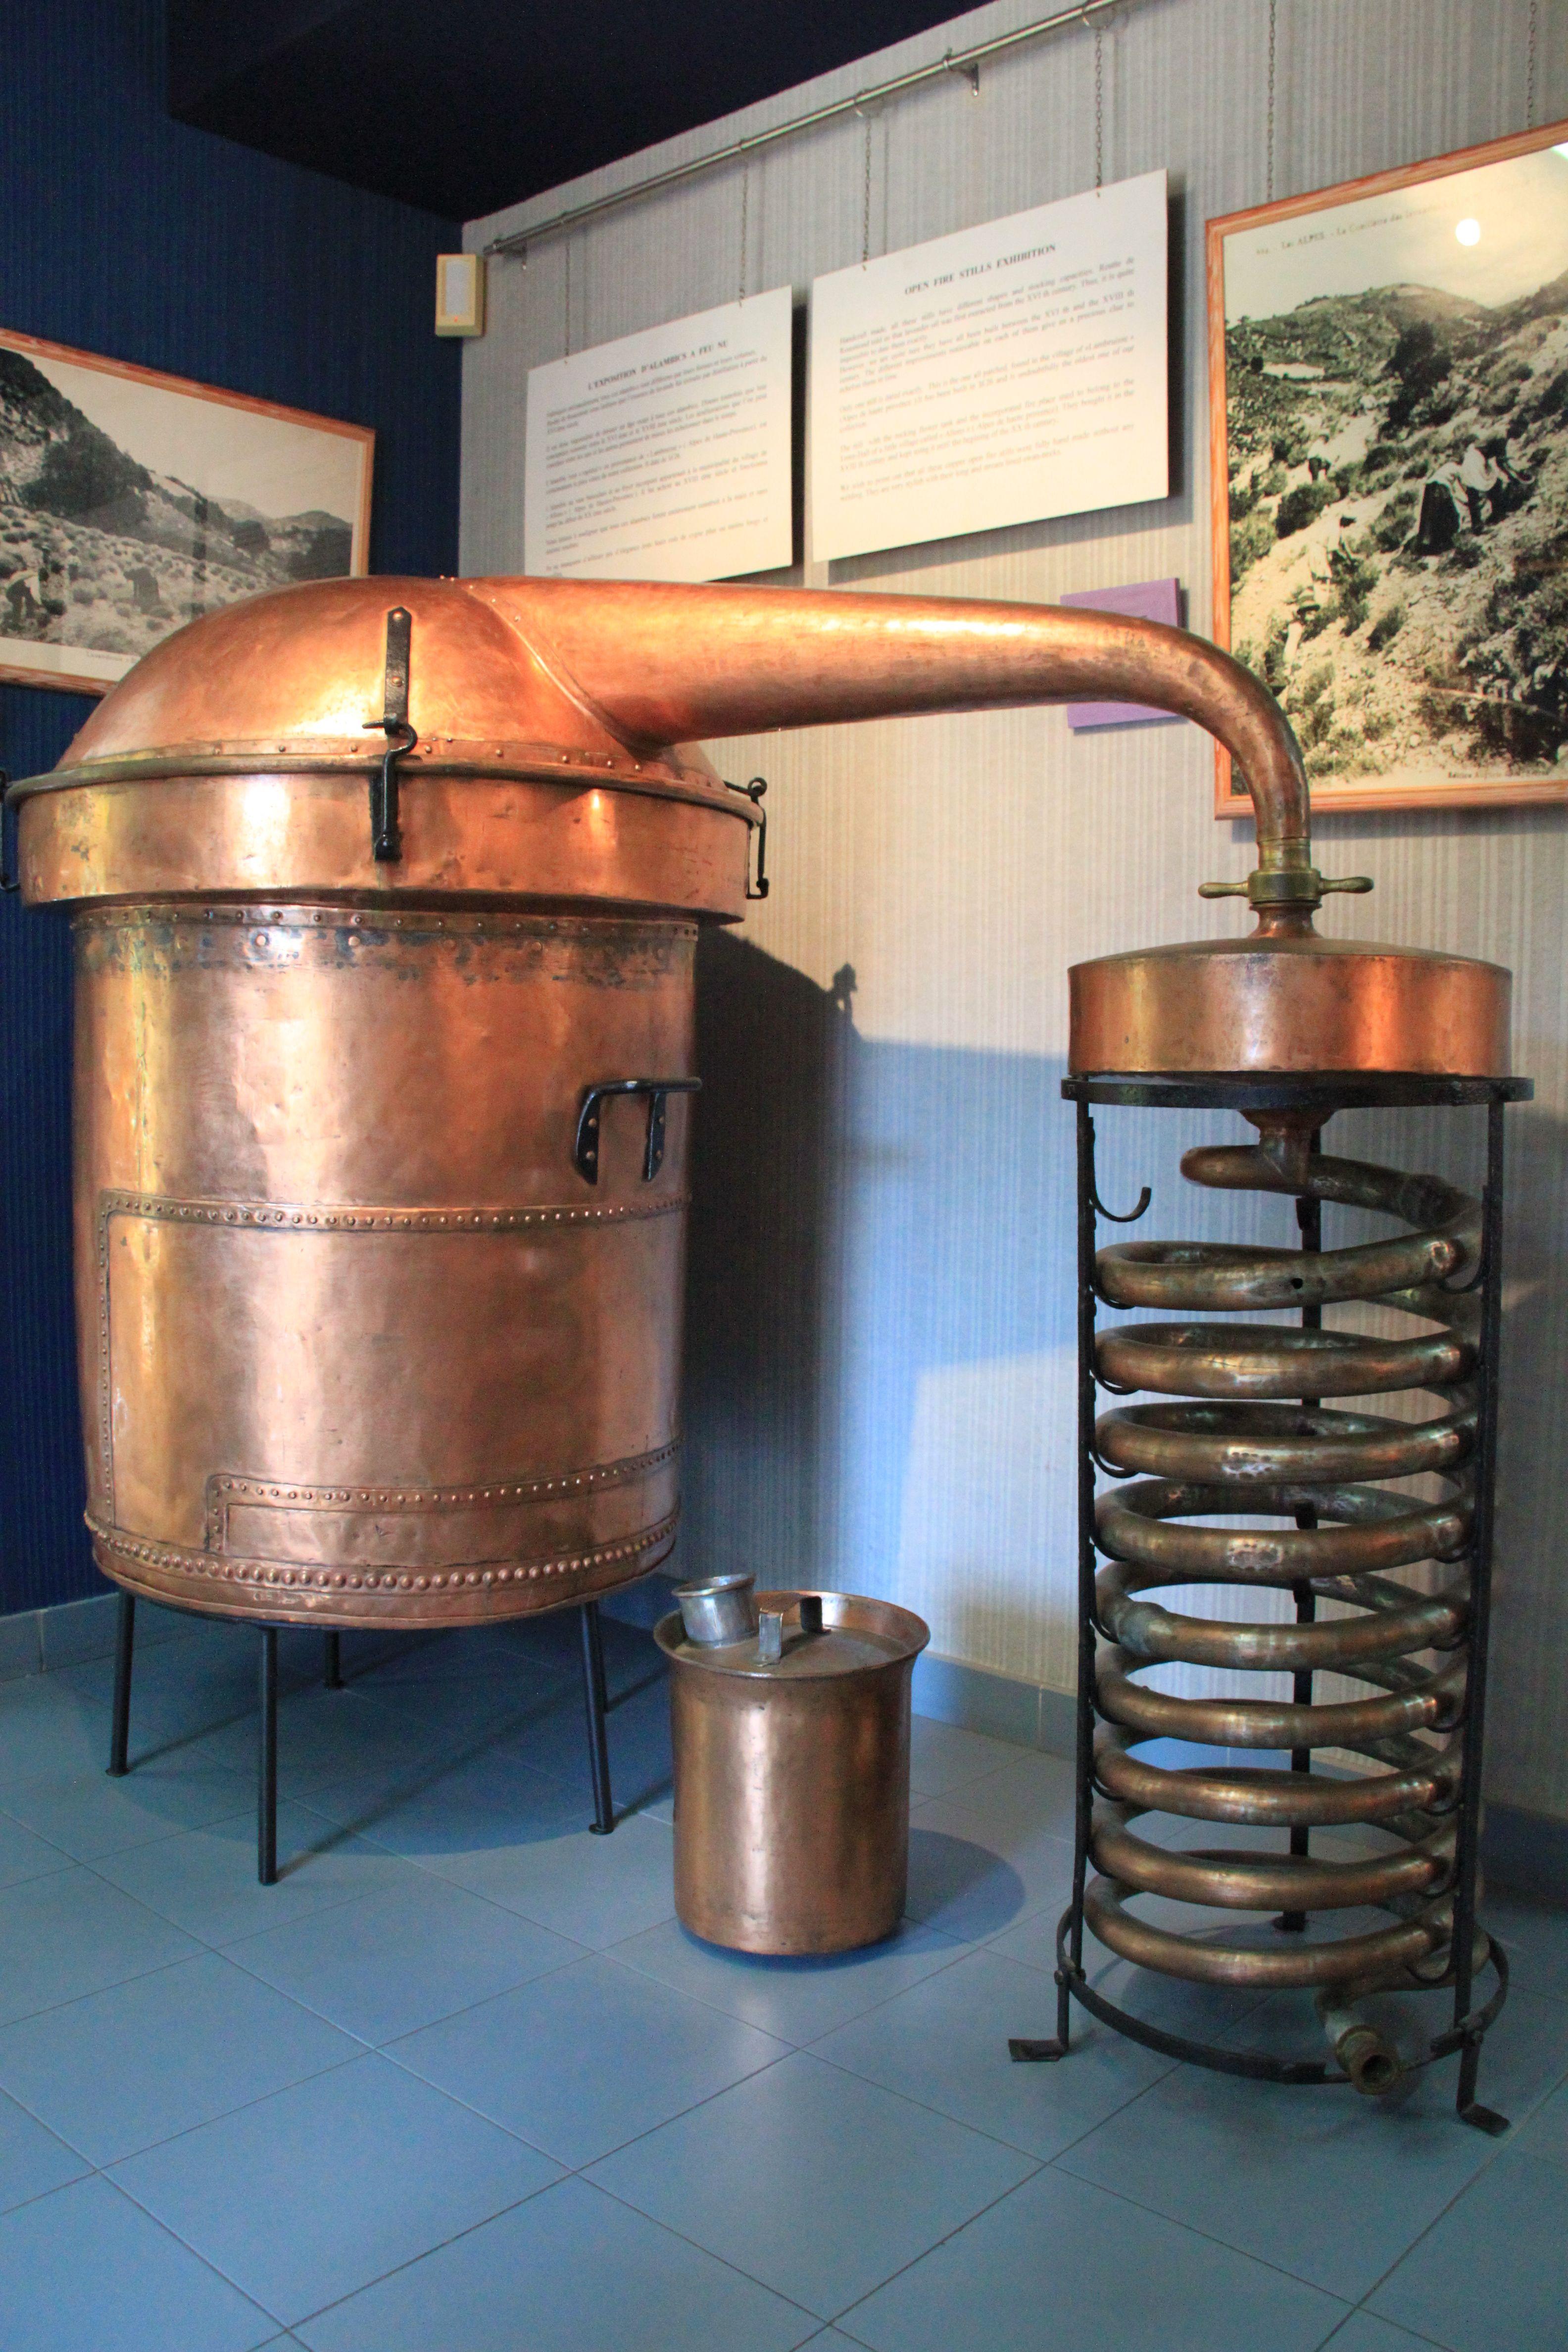 Copper Still Google Search Pot Still Whiskey Still Alcohol Still